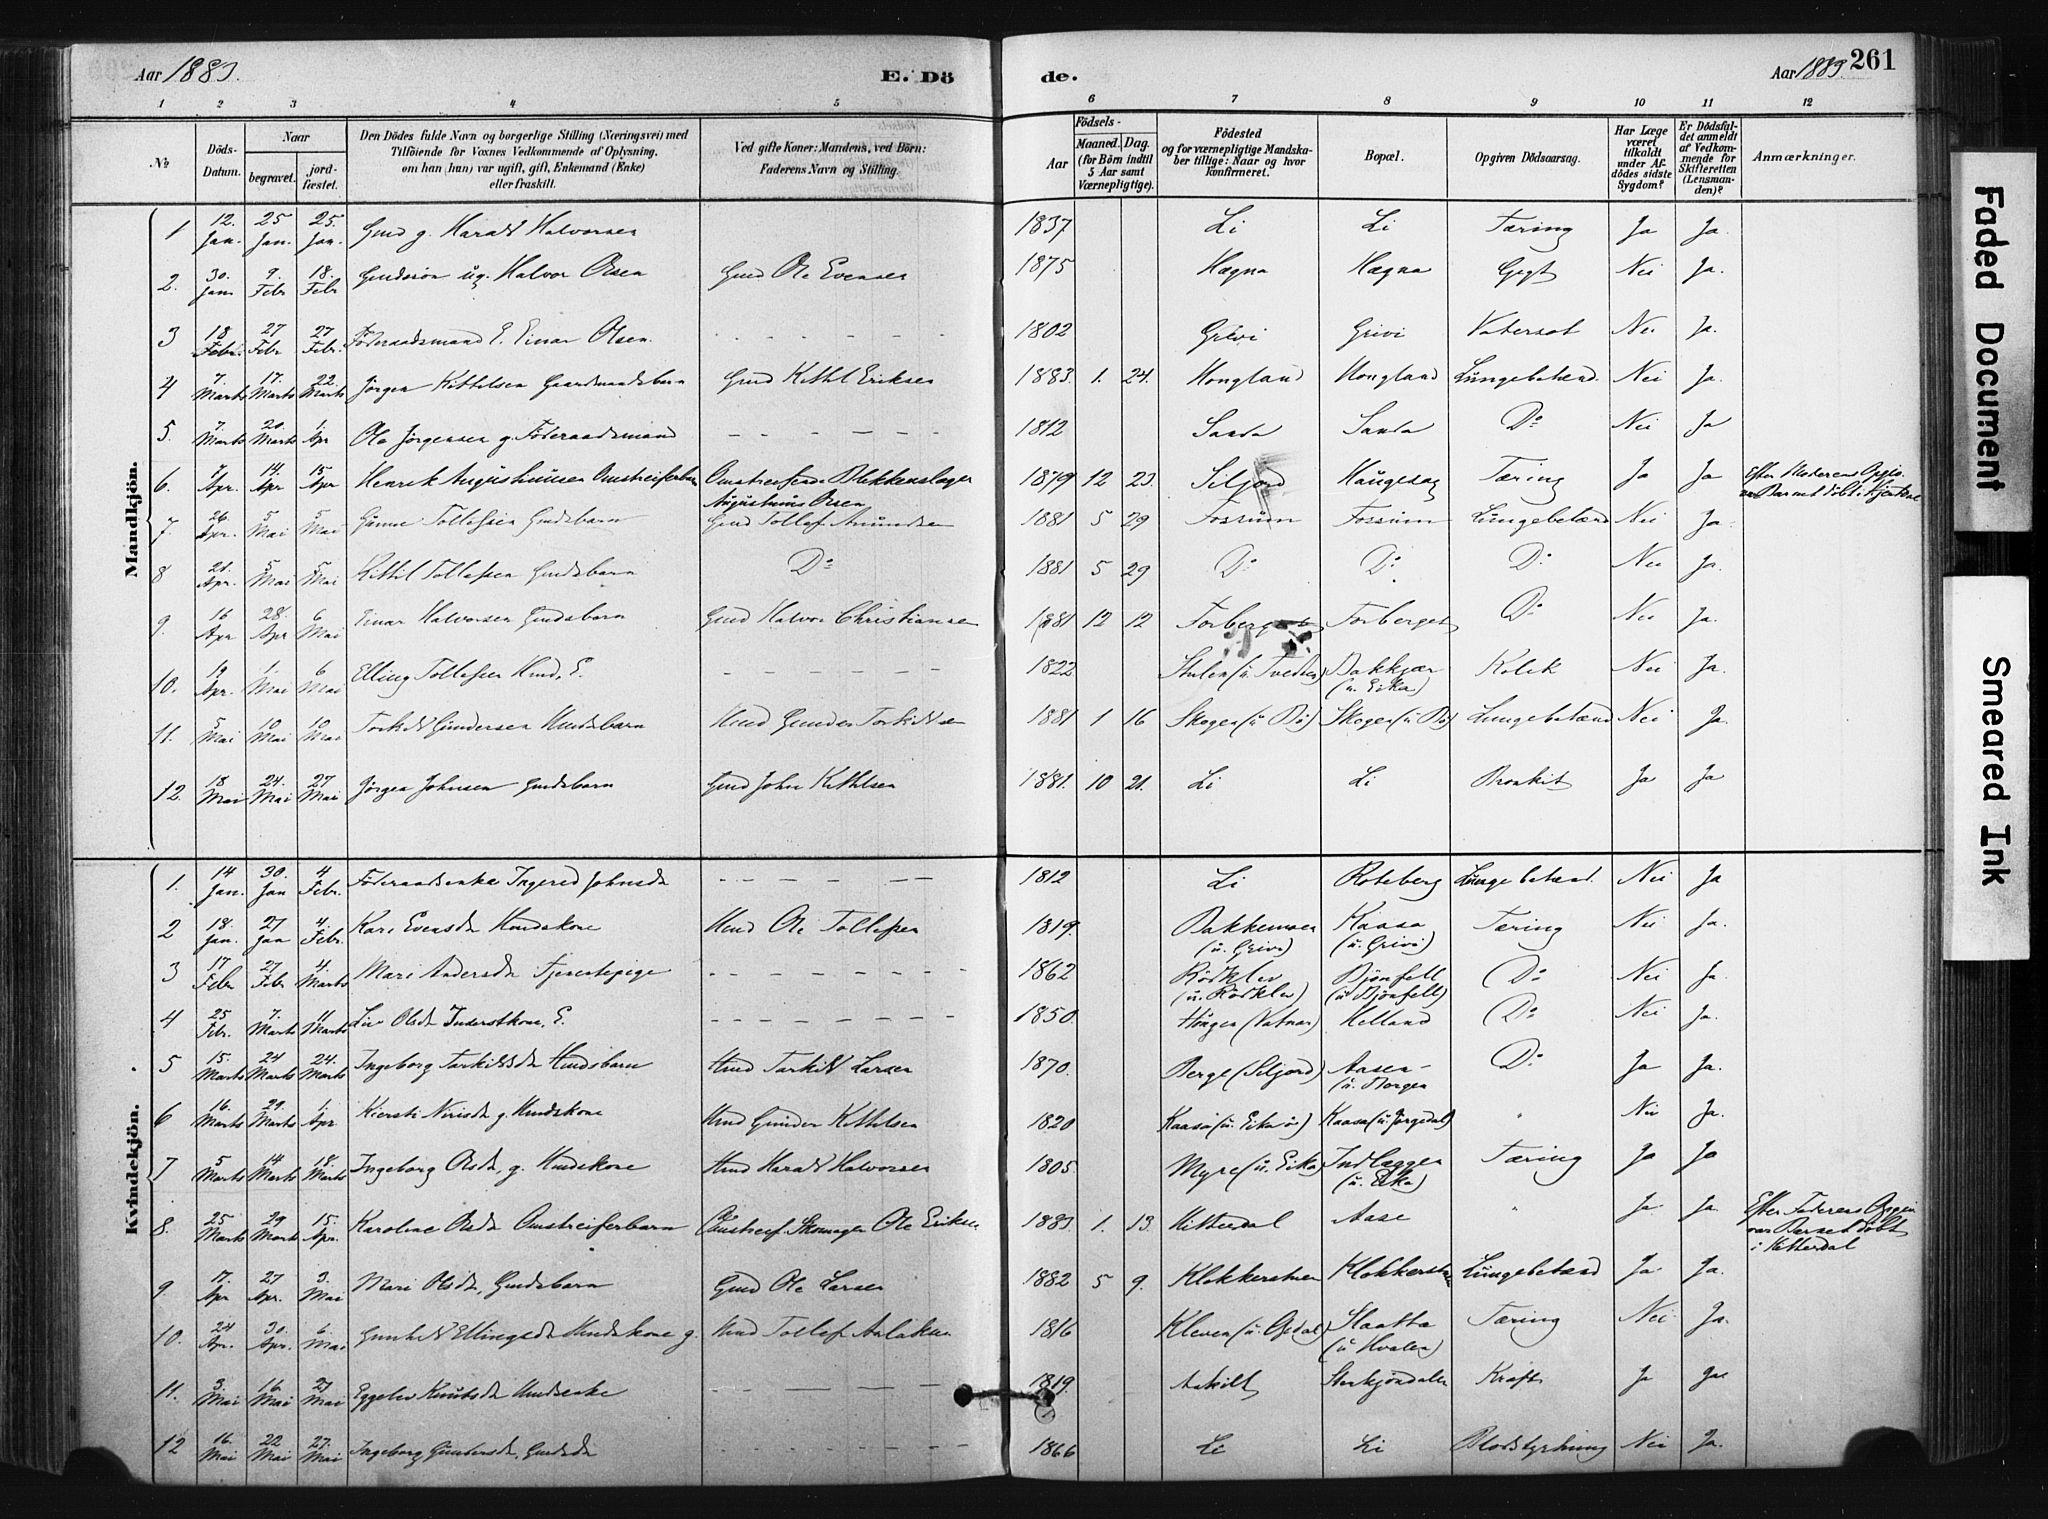 SAKO, Bø kirkebøker, F/Fa/L0010: Ministerialbok nr. 10, 1880-1892, s. 261